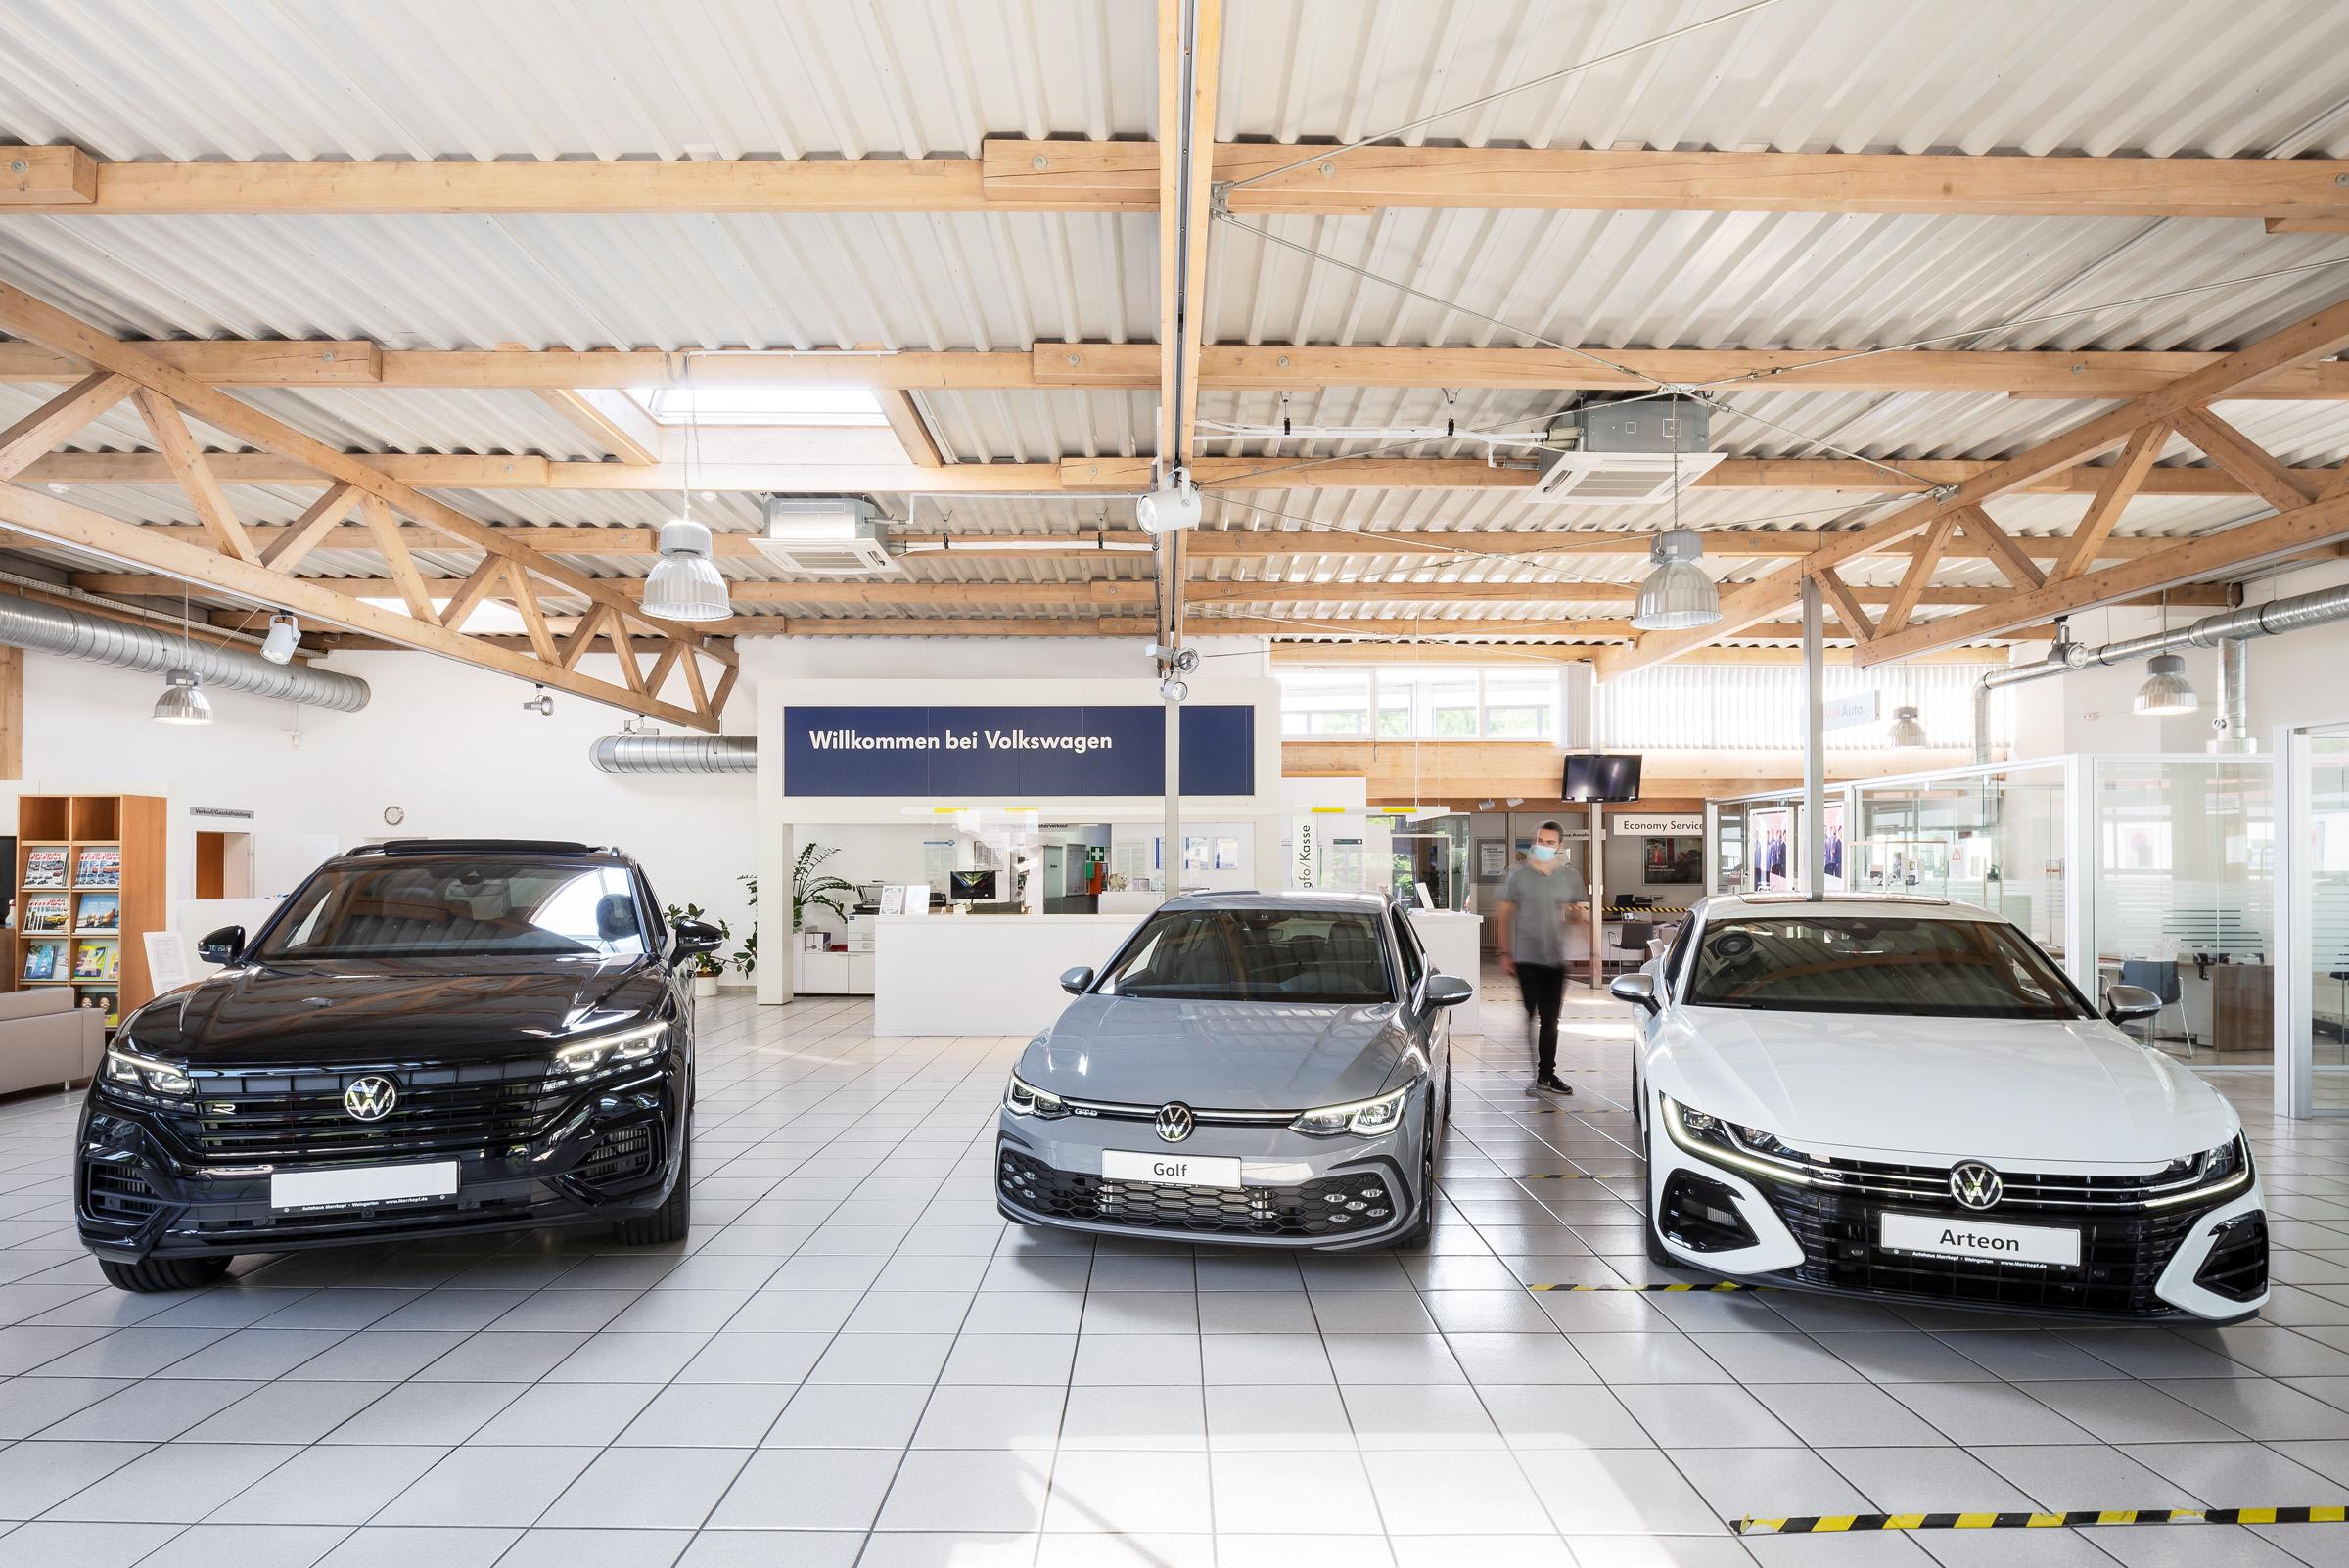 autohaus-morrkopf-weingarten-gebrauchtwagen-leasing-Auto-Austellung